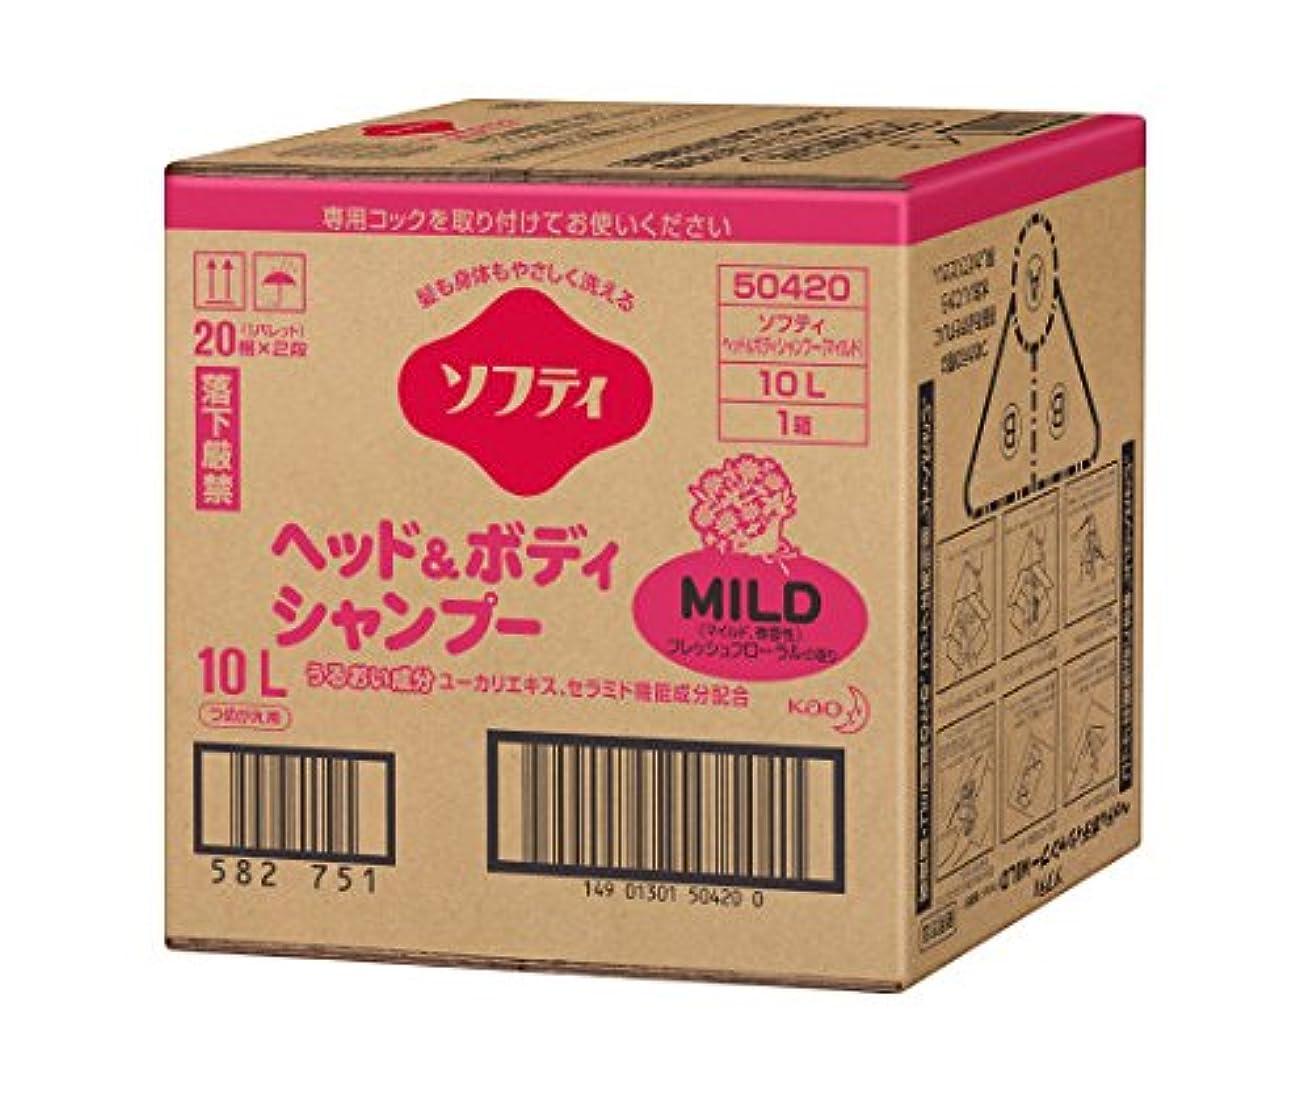 公平な収まる満州花王61-8509-99ソフティヘッド&ボディシャンプーMILD(マイルド)10Lバッグインボックスタイプ介護用